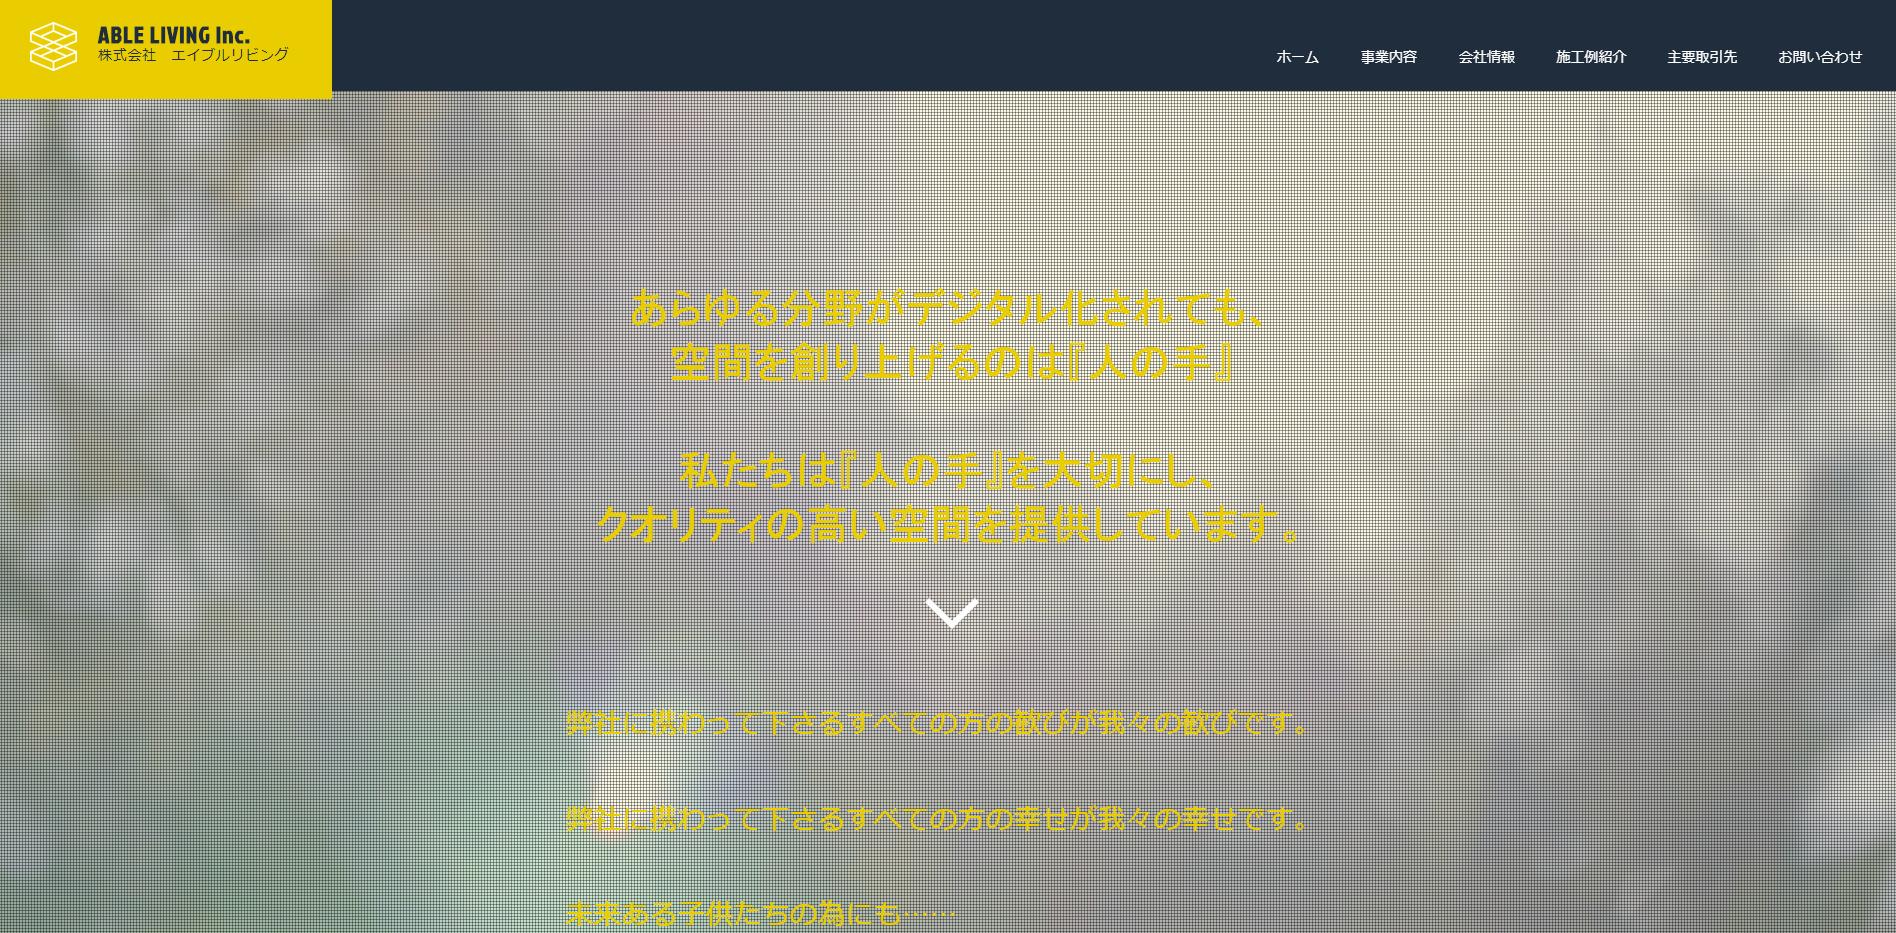 エイブルリビング様 コーポレートサイト